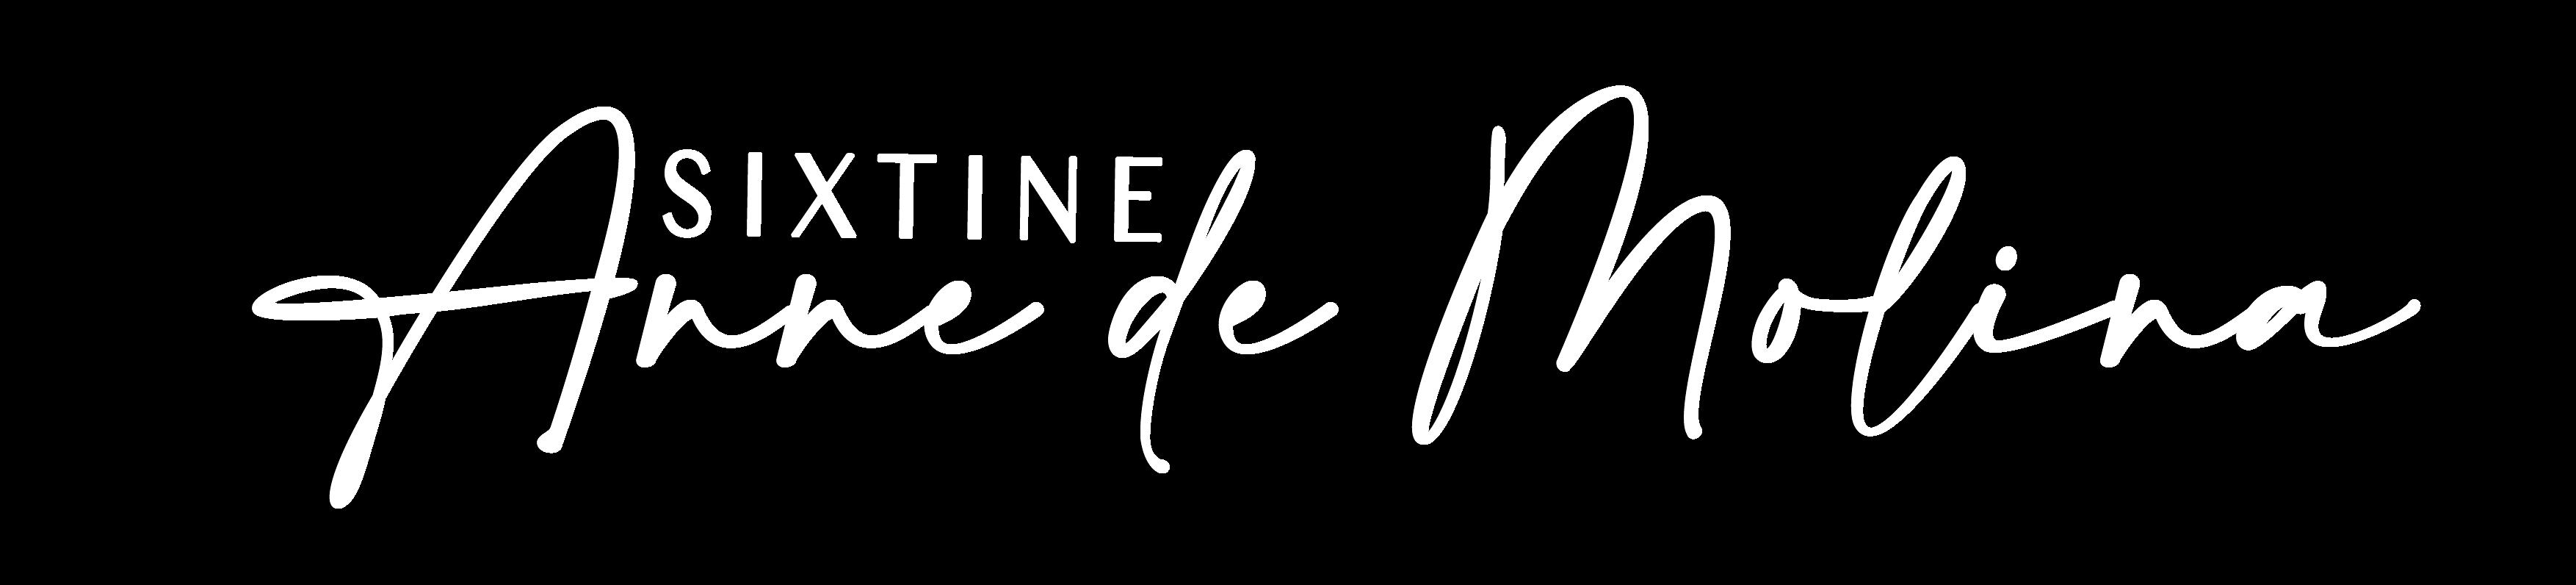 Sixtine Anne de Molina